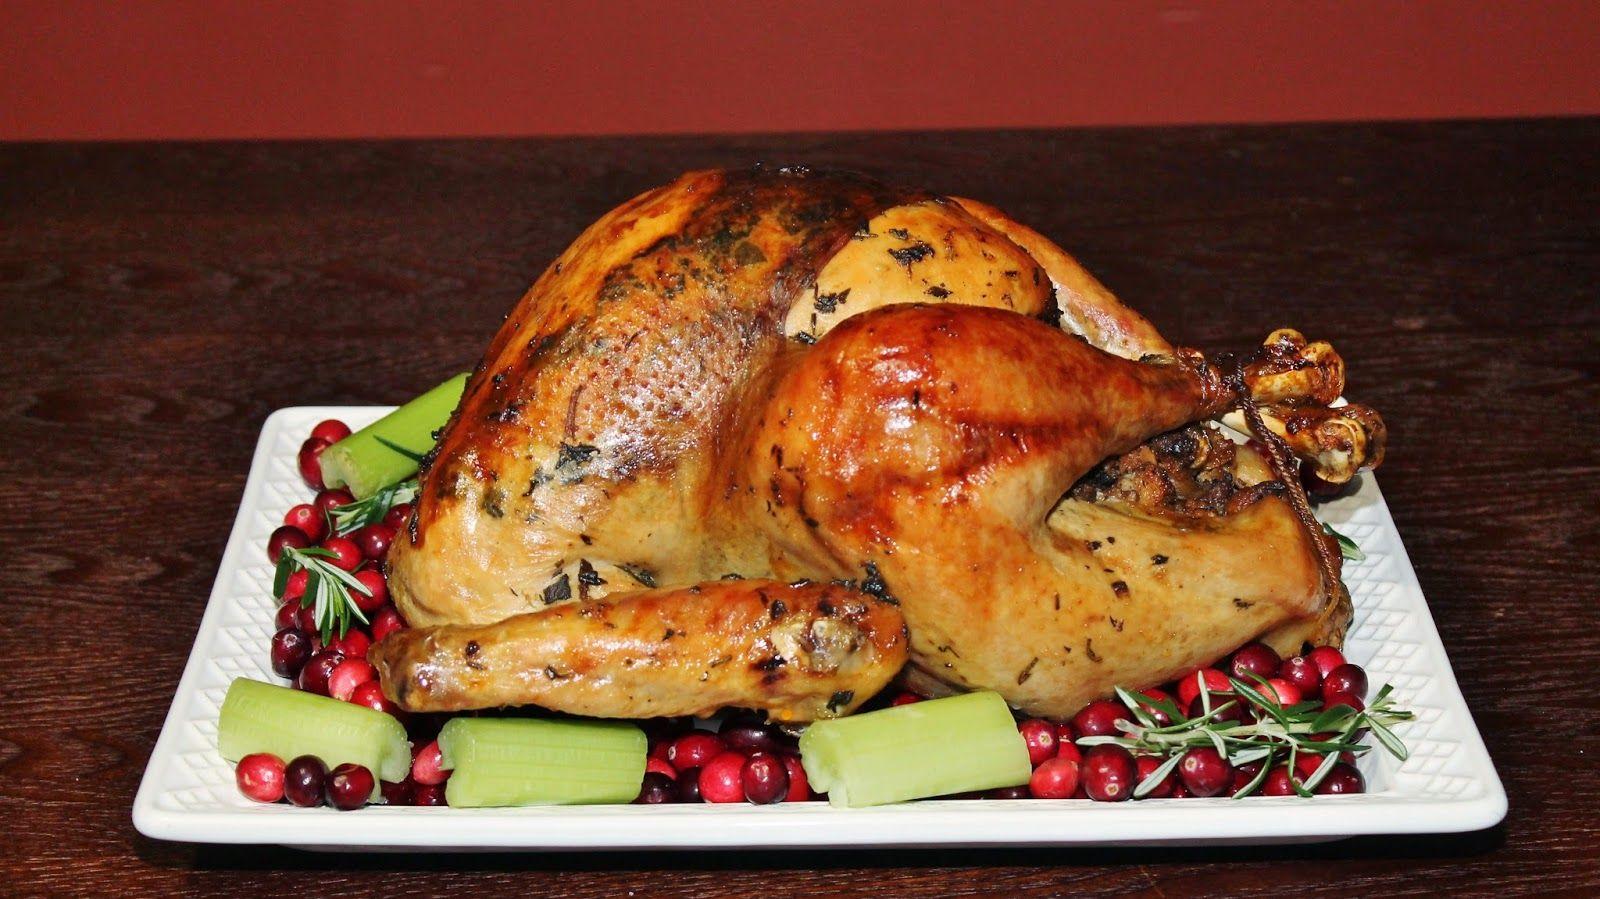 Pavo Relleno Receta De Thanksgiving Paso A Paso Pavo Relleno Recetas Con Pavo Recetas Para Cocinar